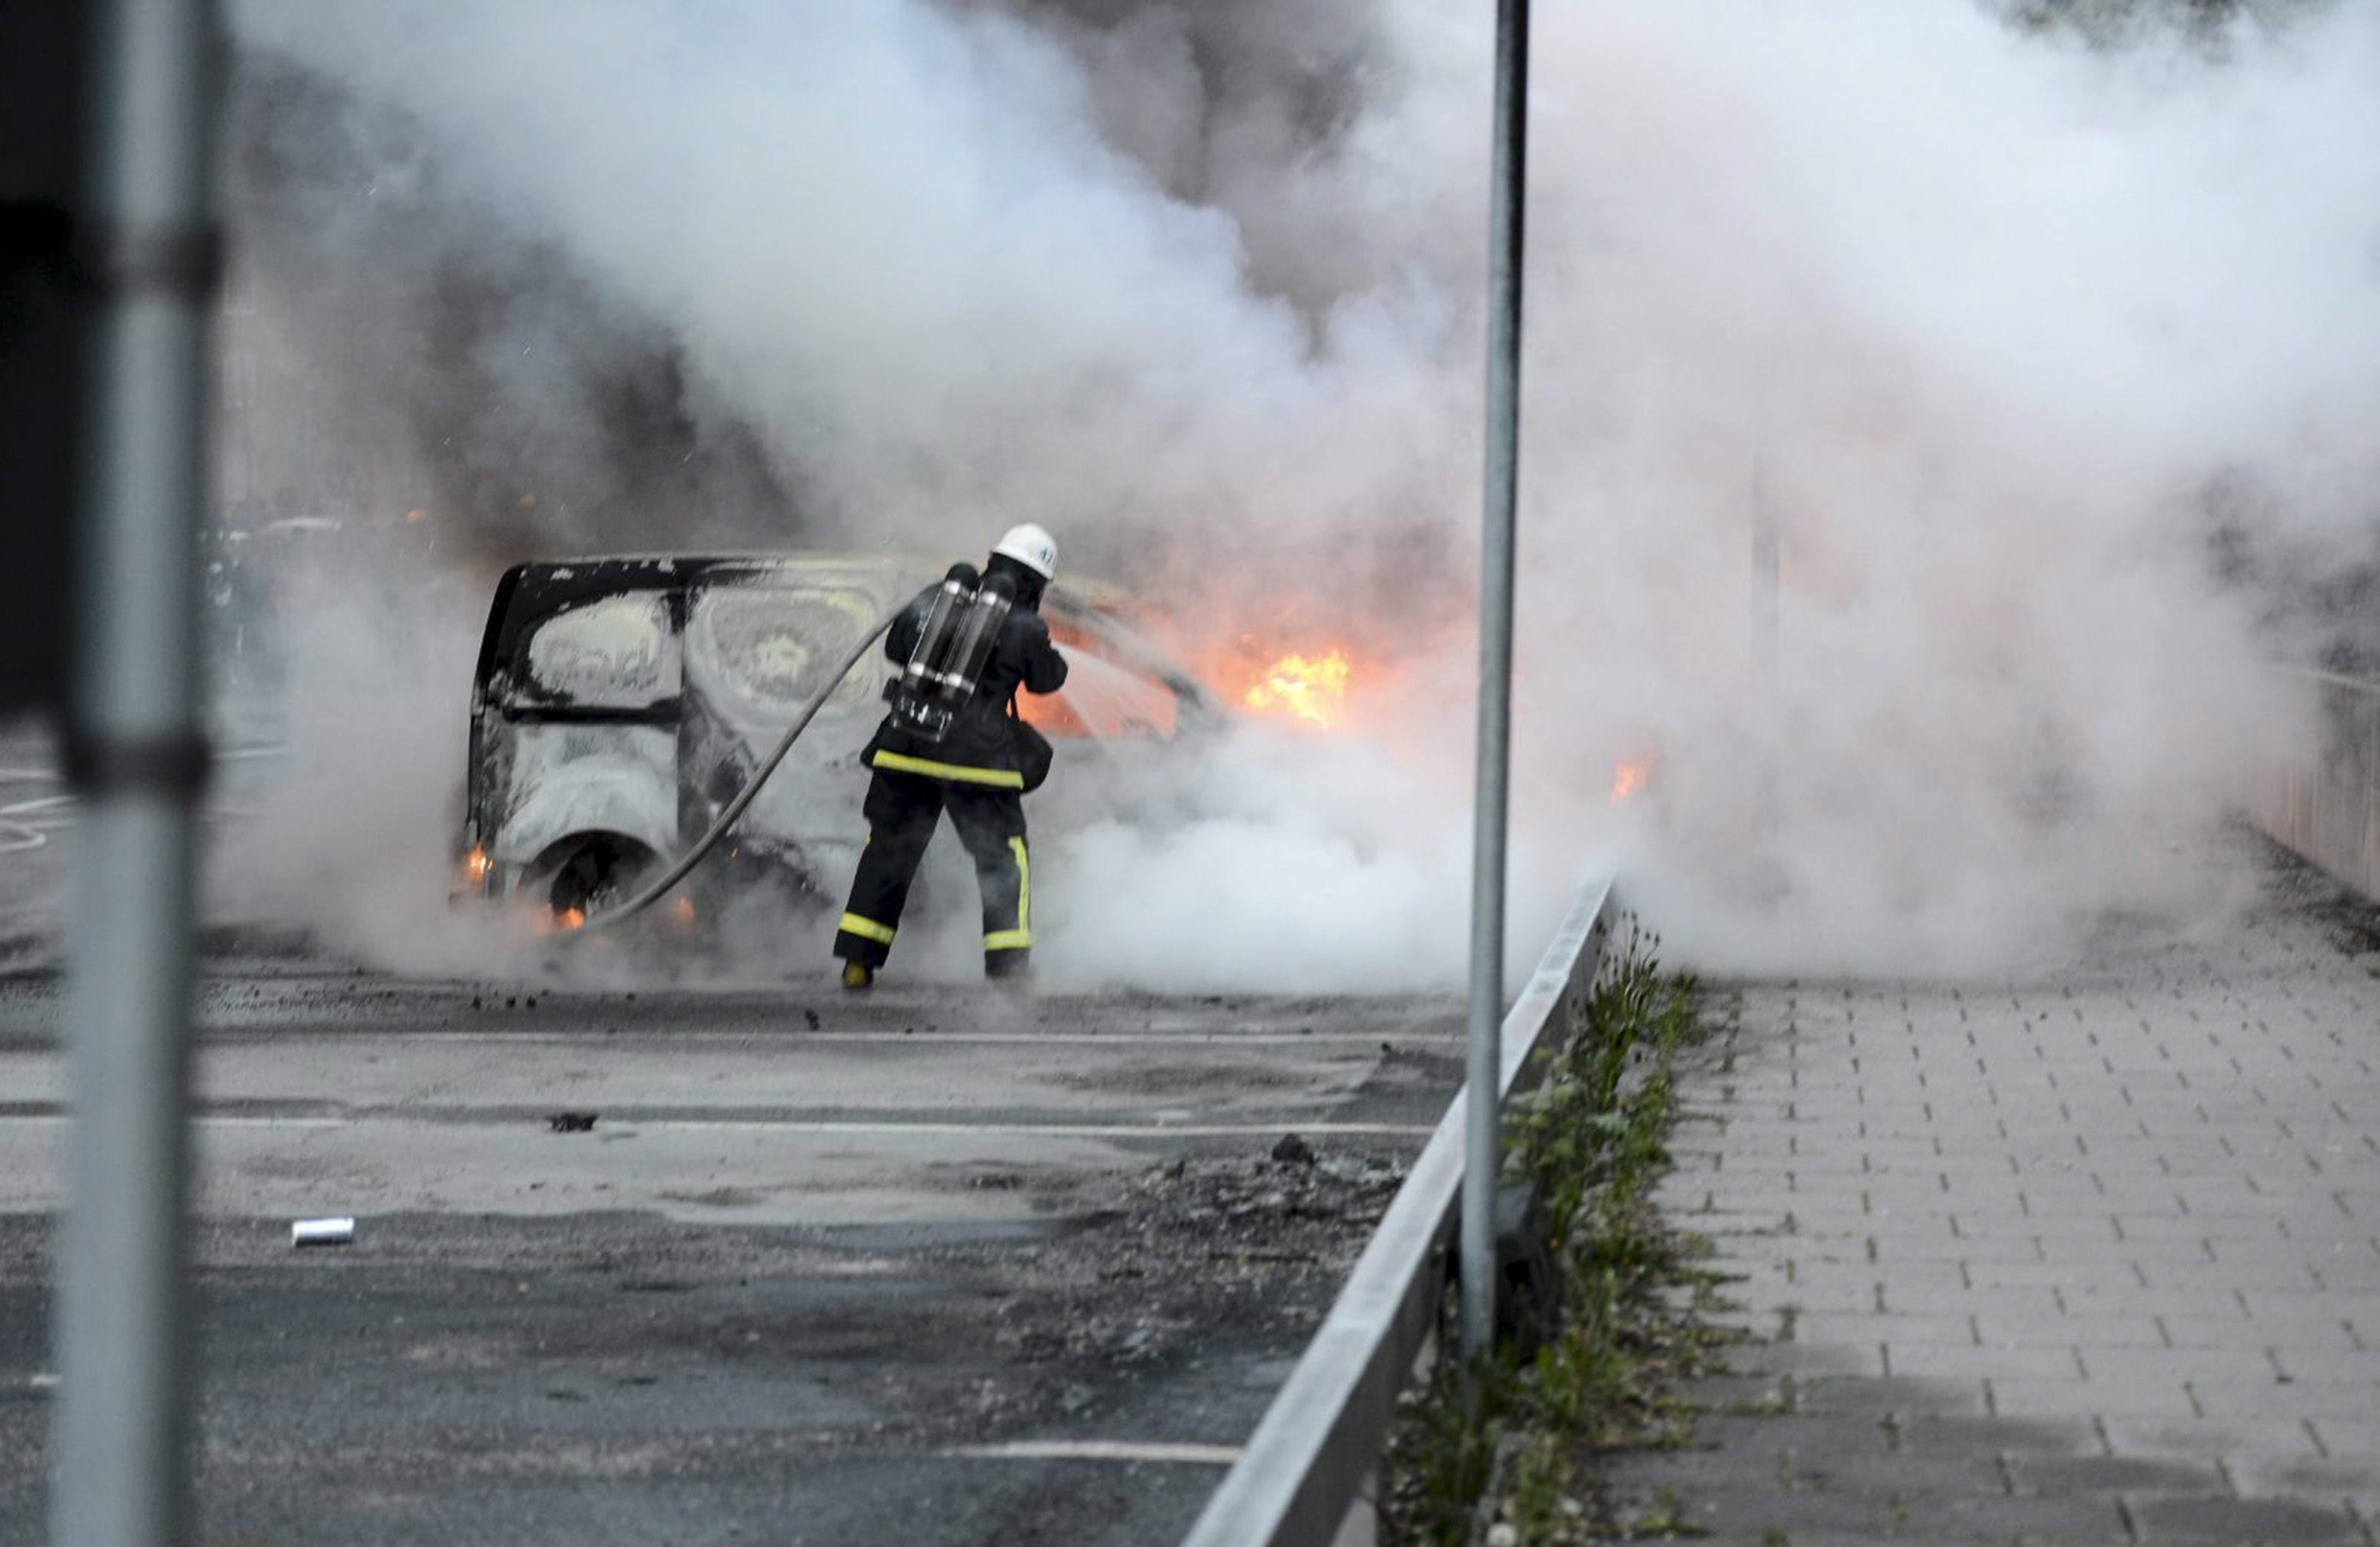 La violencia en Estocolmo se extiende pero con menor intensidad